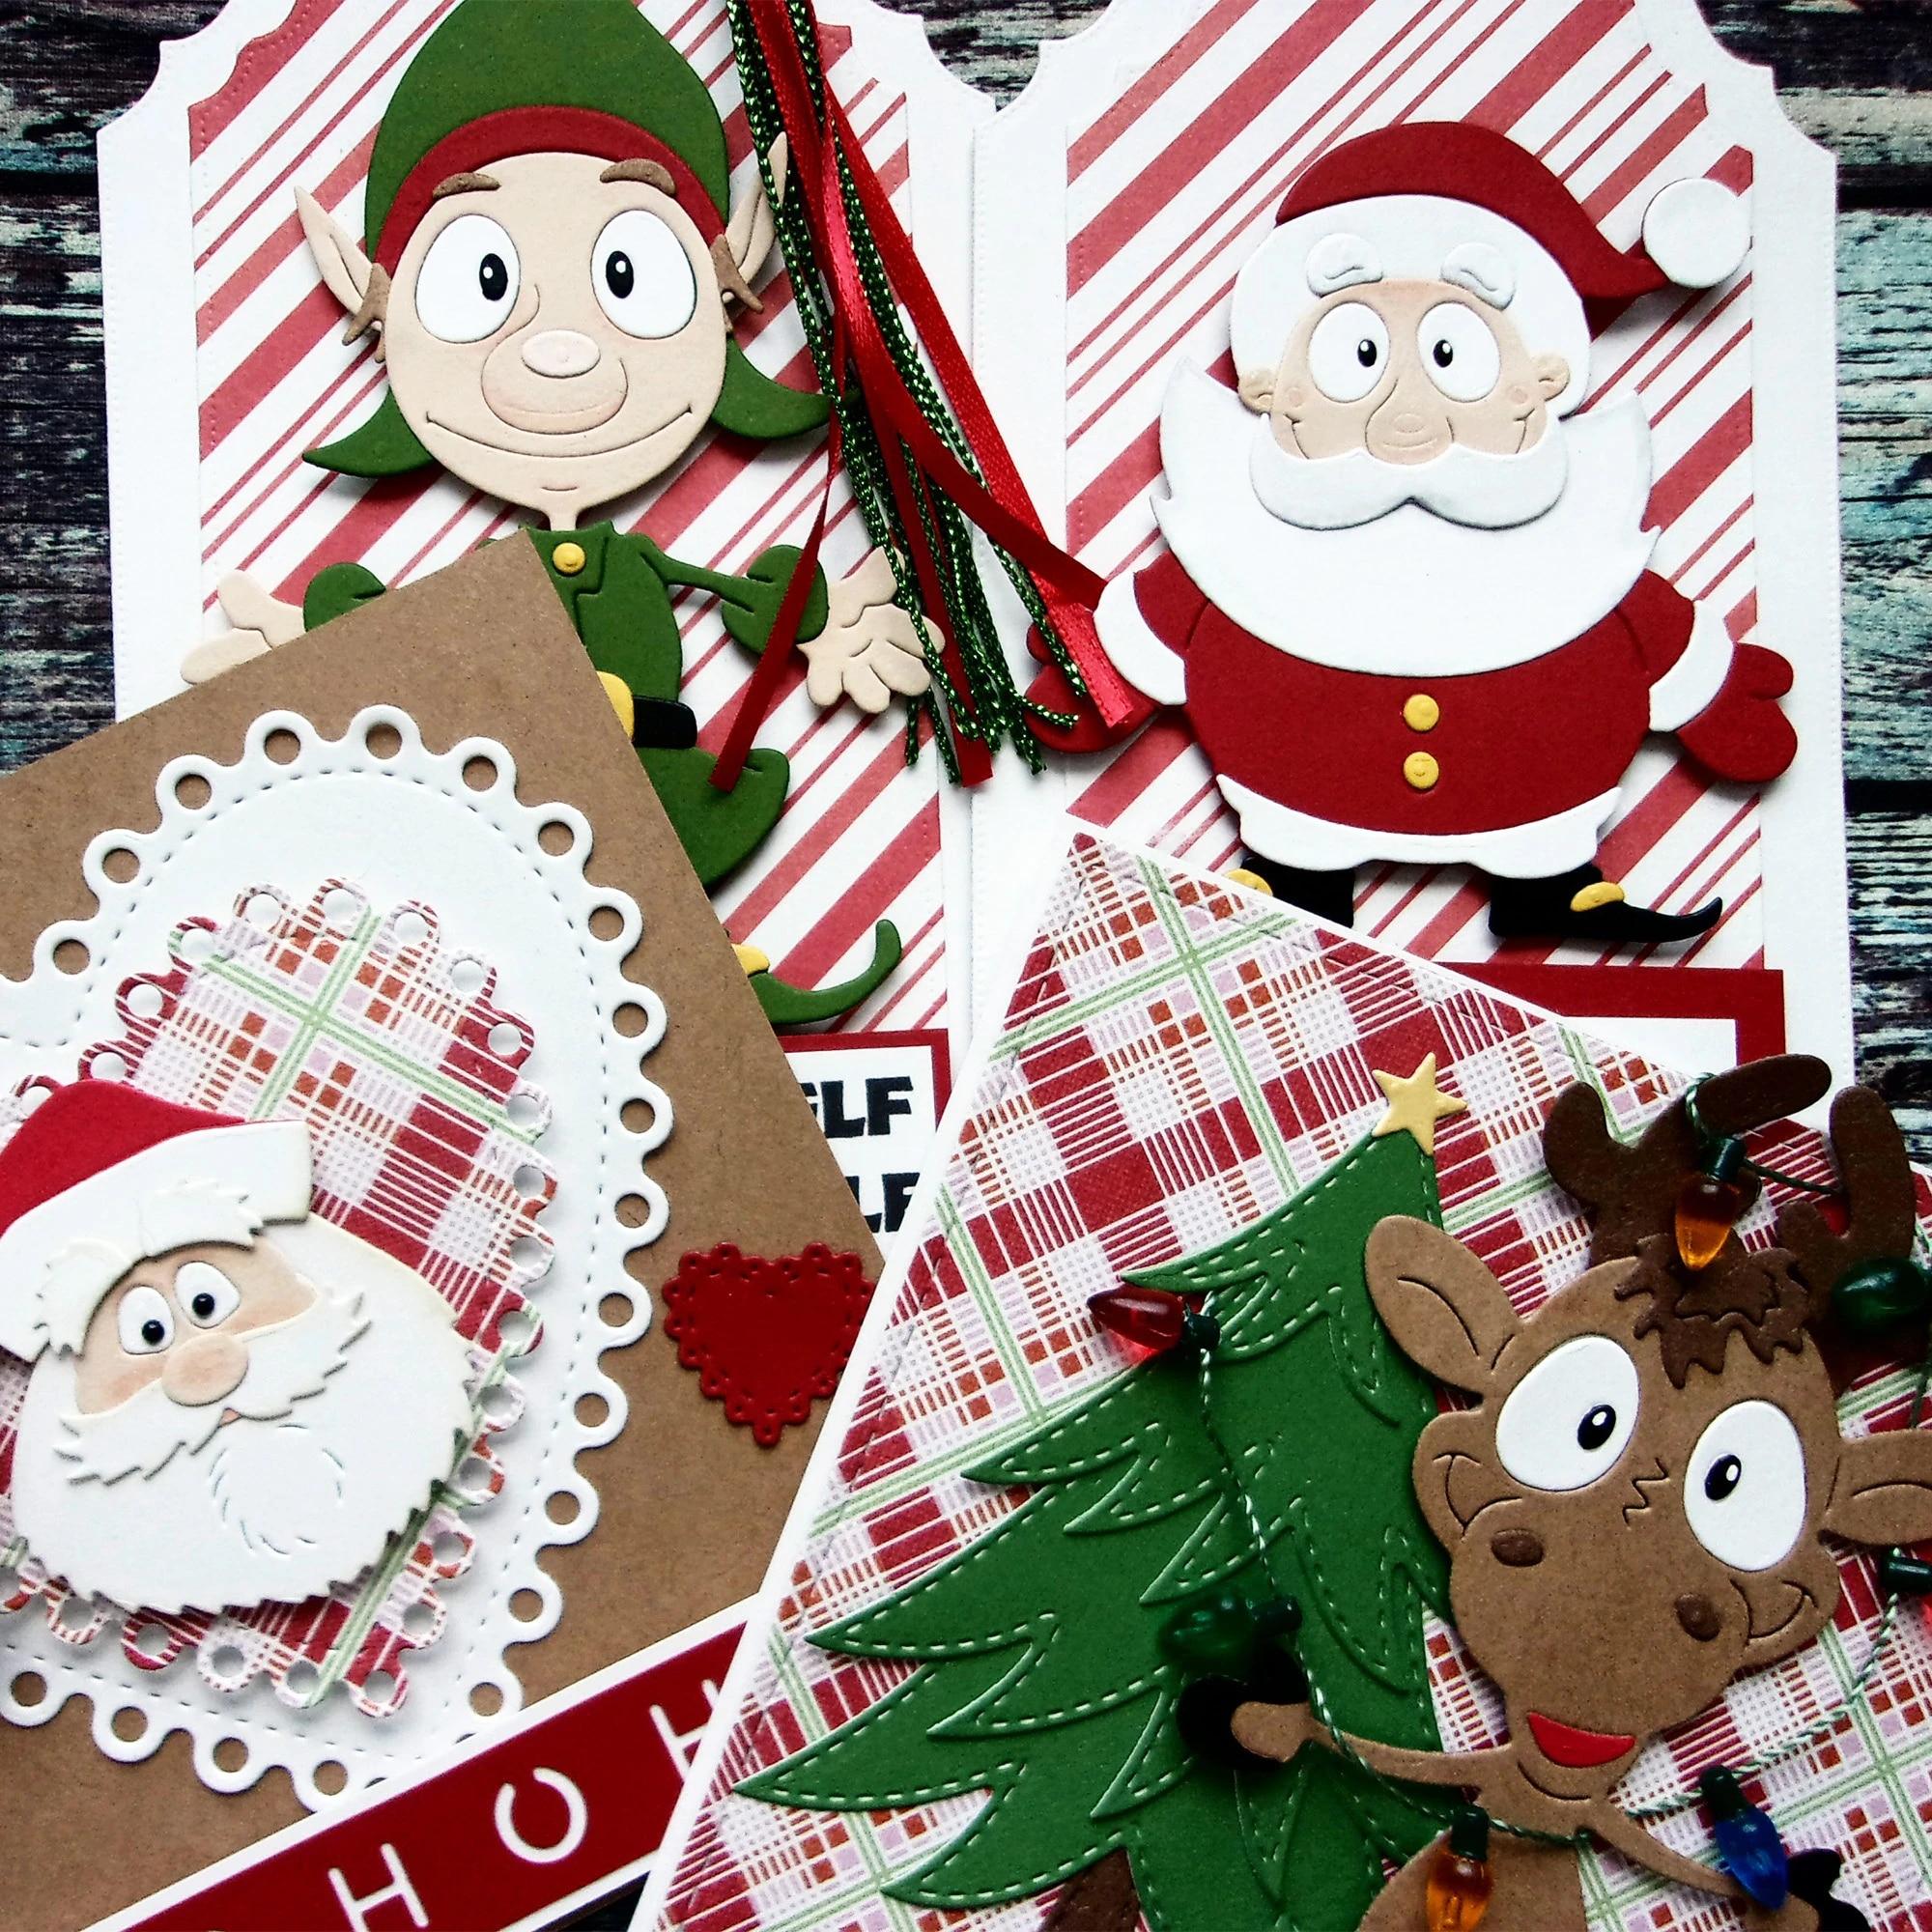 Santa Elk Elf Doll Metal Cutting Dies 2020 Christmas Card Stencil For Diy Scrapbooking Art Card Embossing Dies Cutting Dies Aliexpress